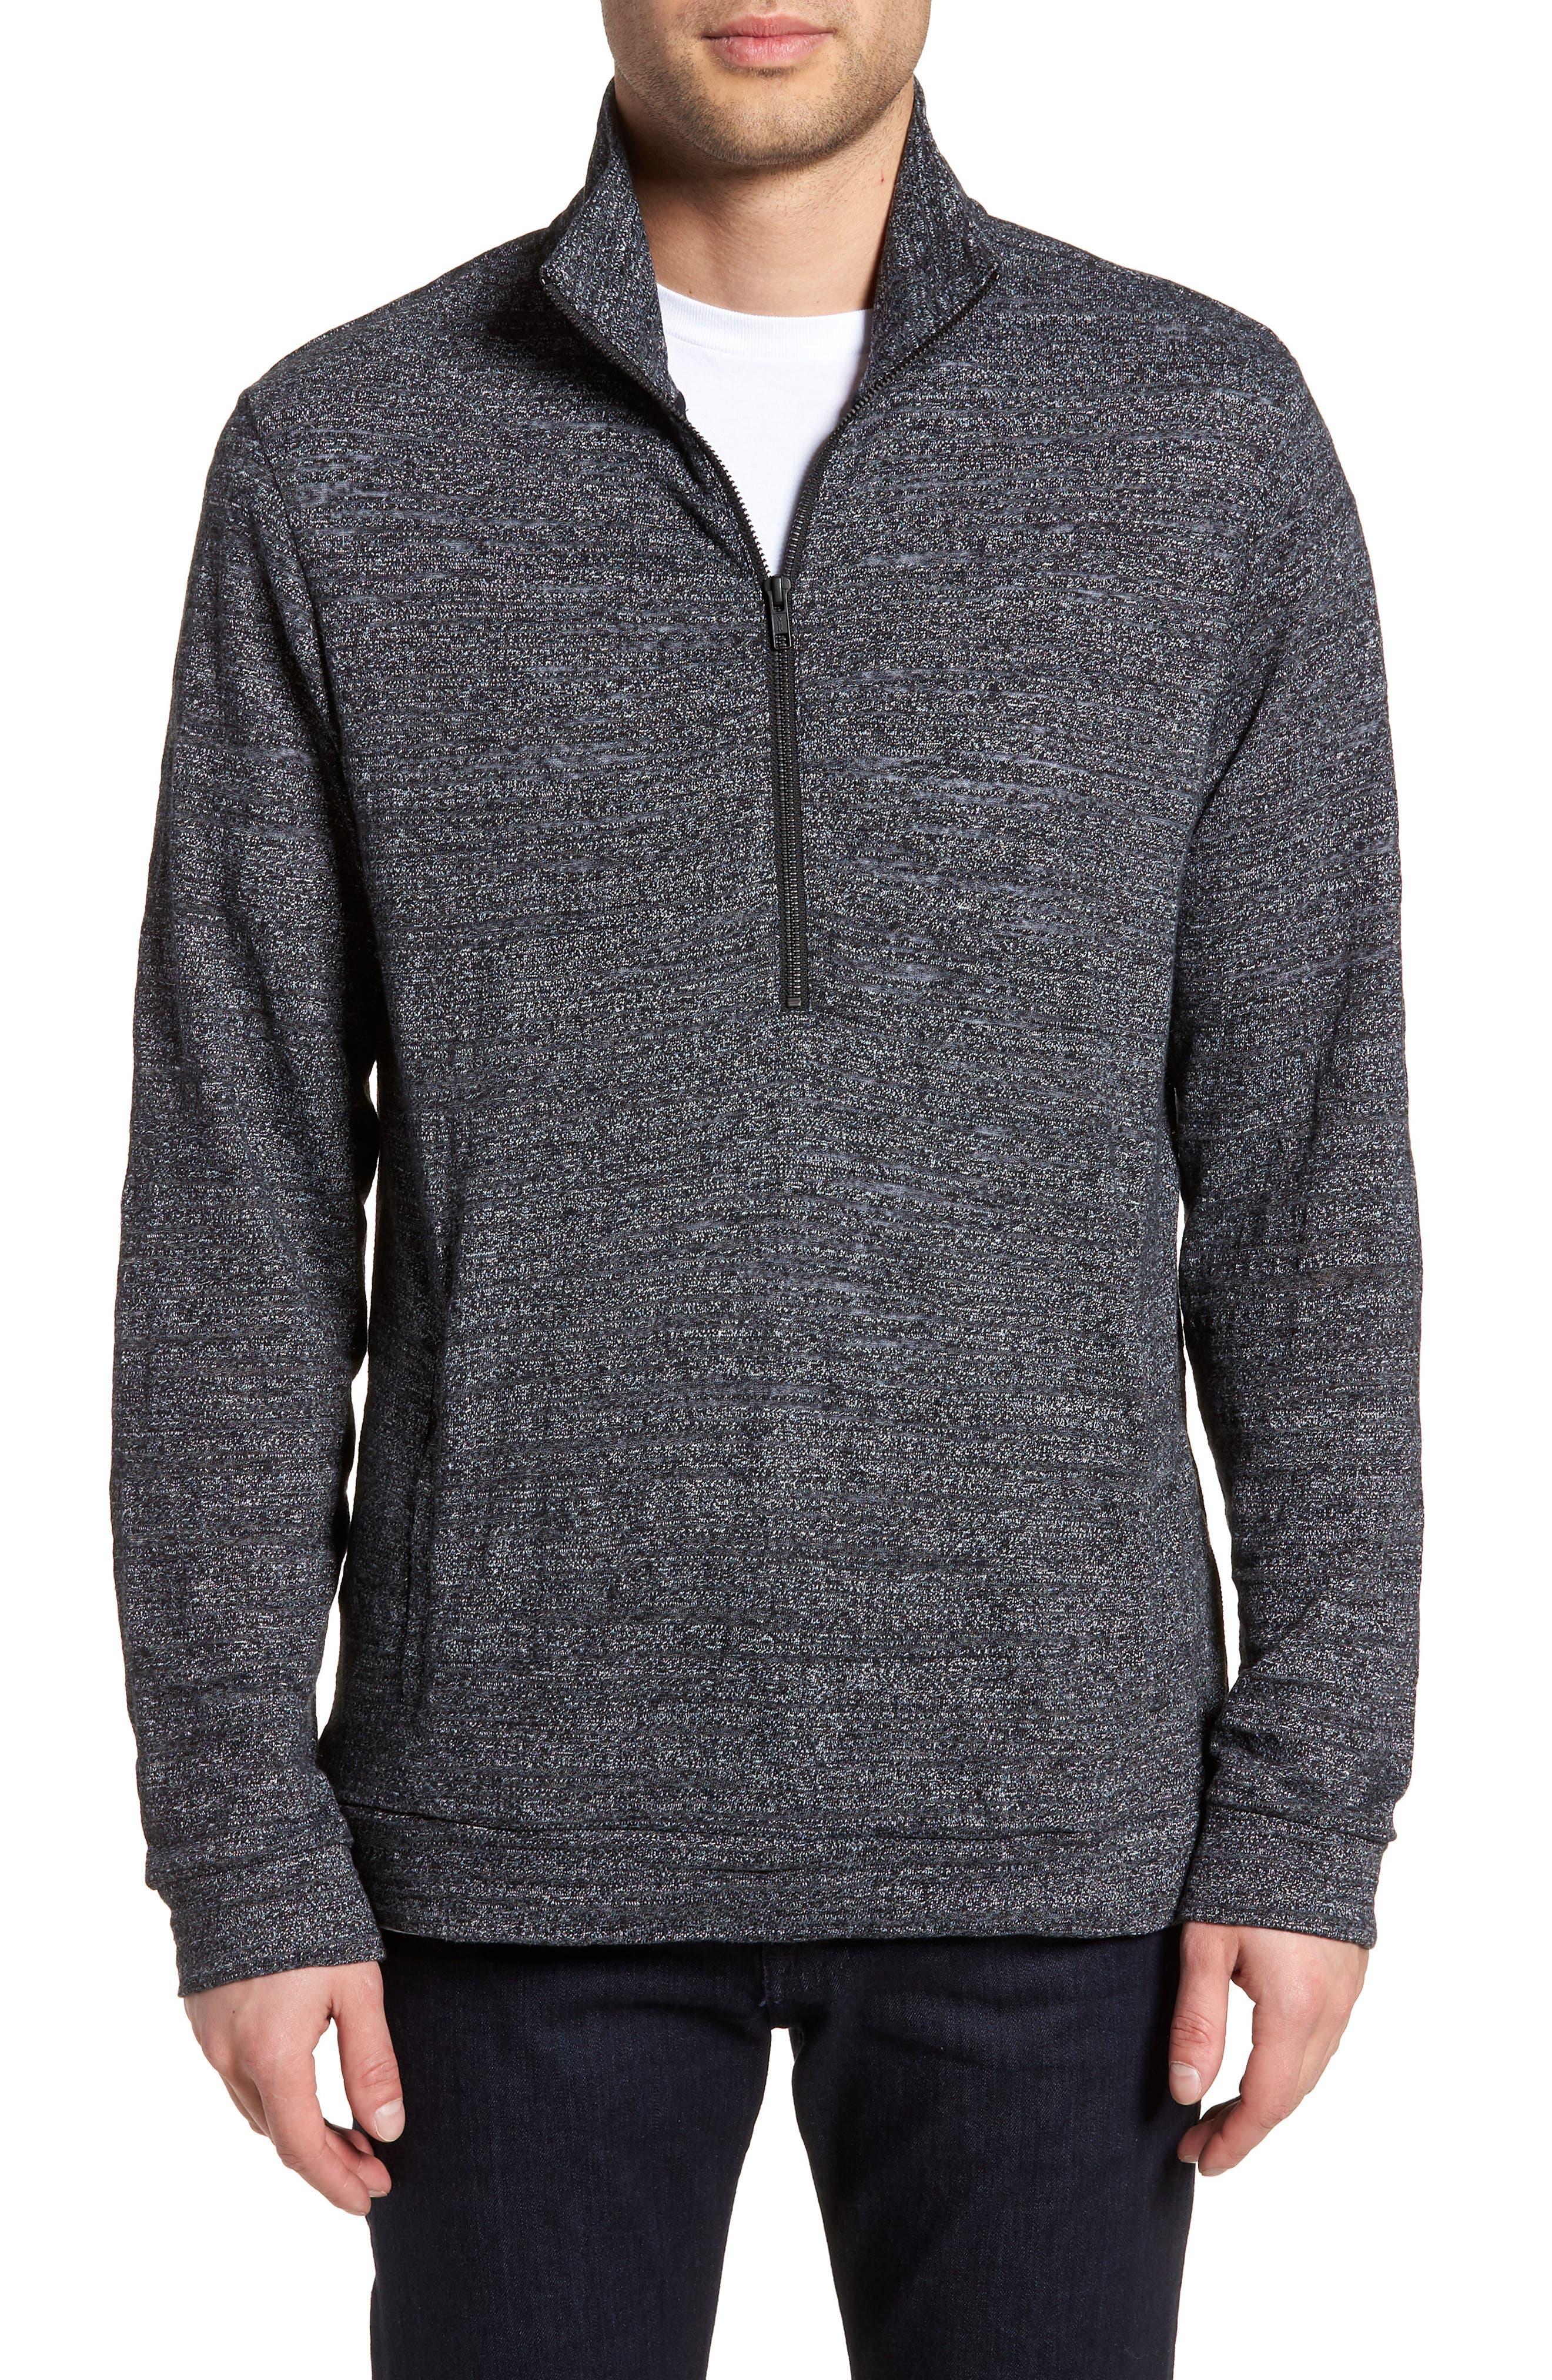 CALIBRATE Textured Zip Fleece Sweatshirt, Main, color, 001